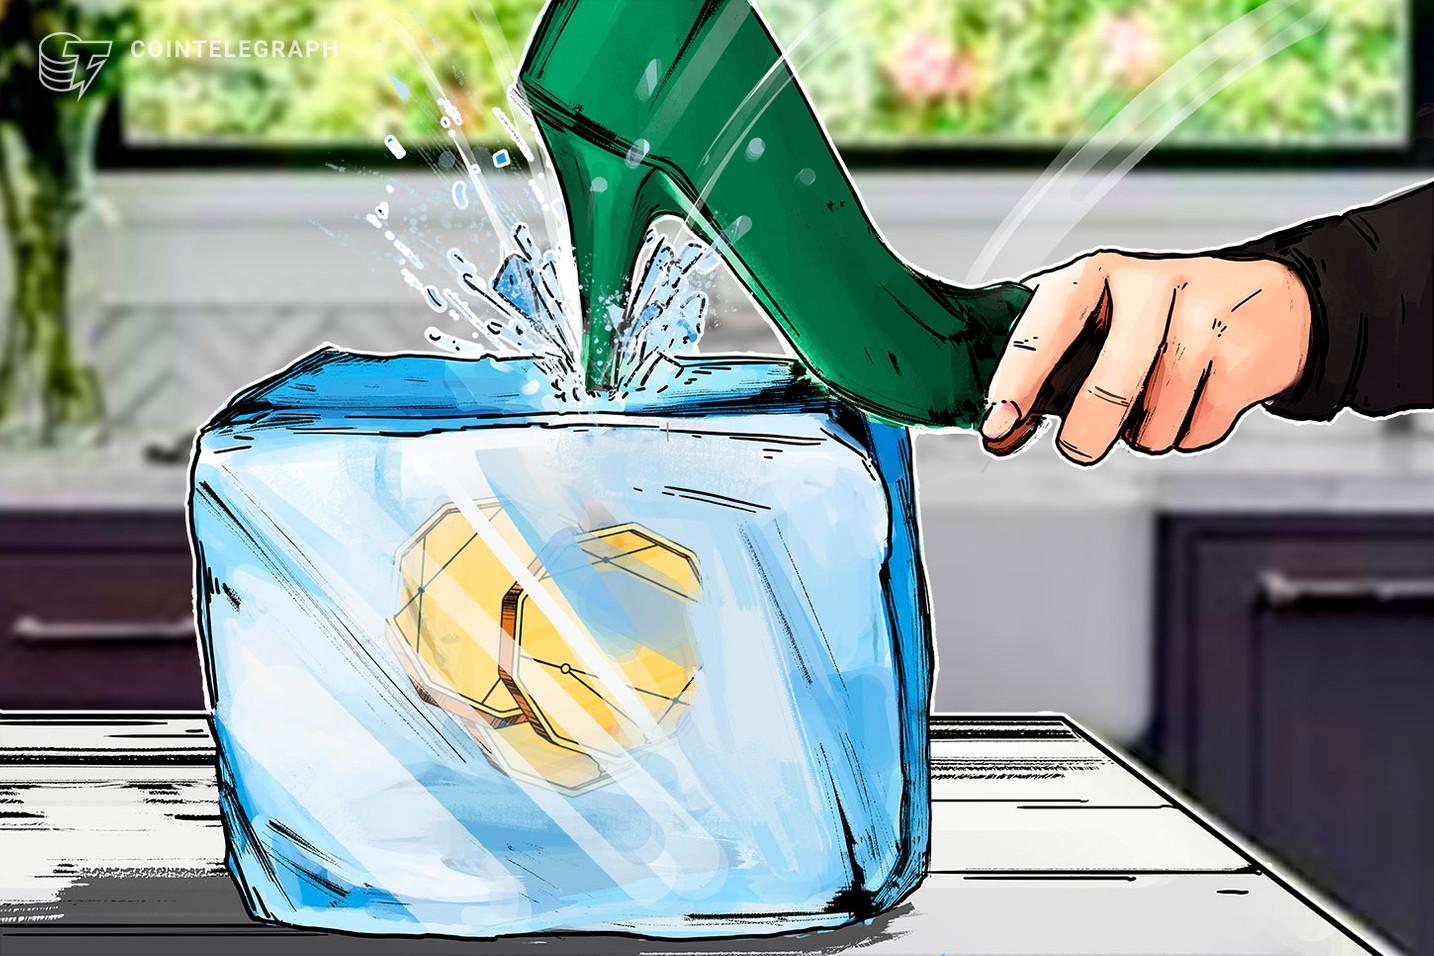 Alegando suspeita de fraude juiz determina bloqueio de mais de R$ 500 mil em contas do Bitcoin Banco